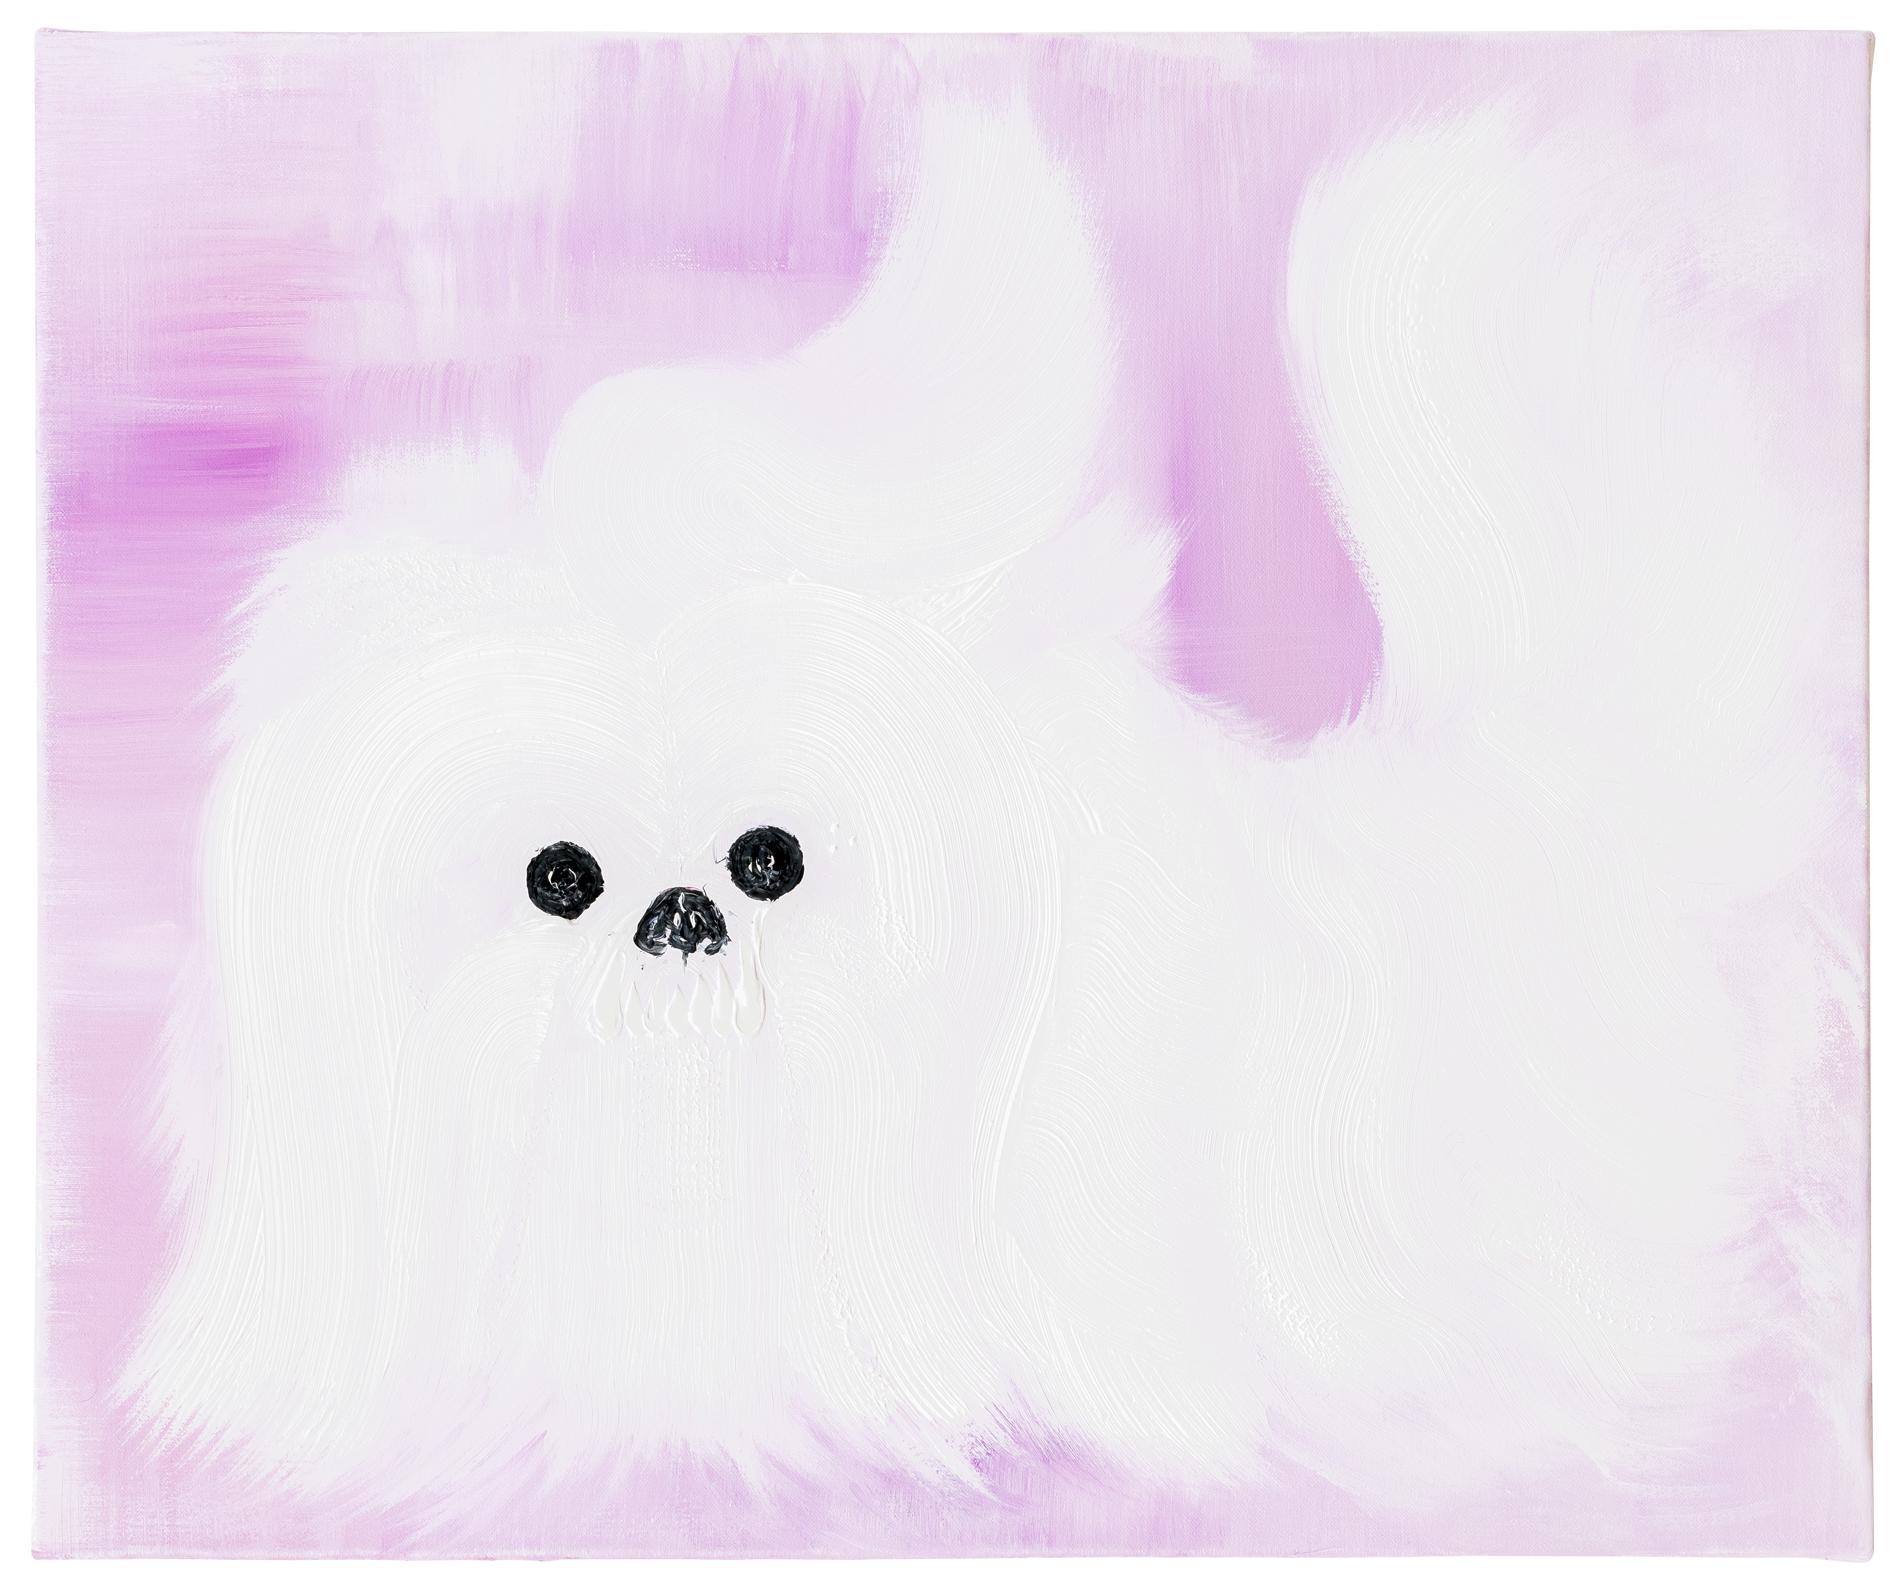 Abdul Vas. White Pekingese, 2017. Hypebeast